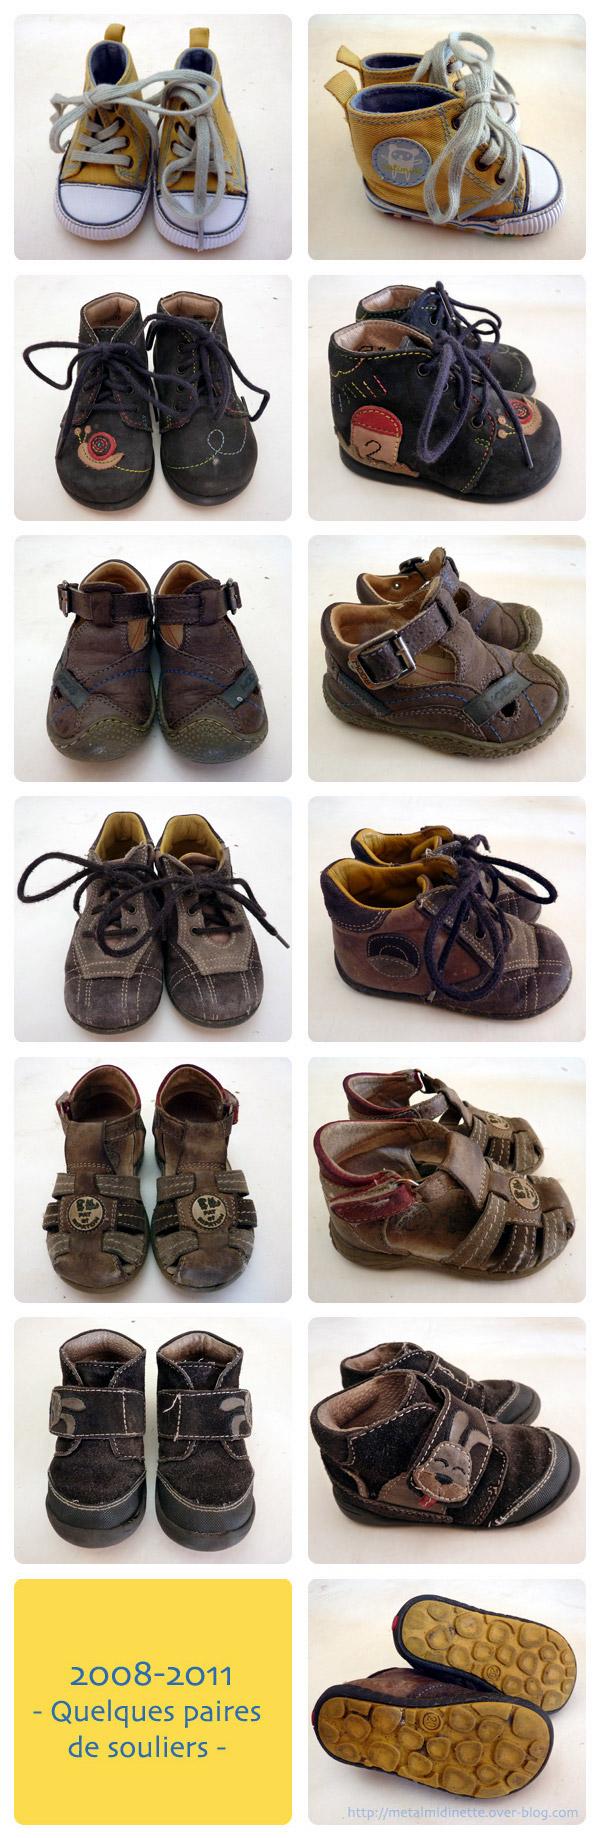 http://metalmidinette.free.fr/img/shoes.jpg